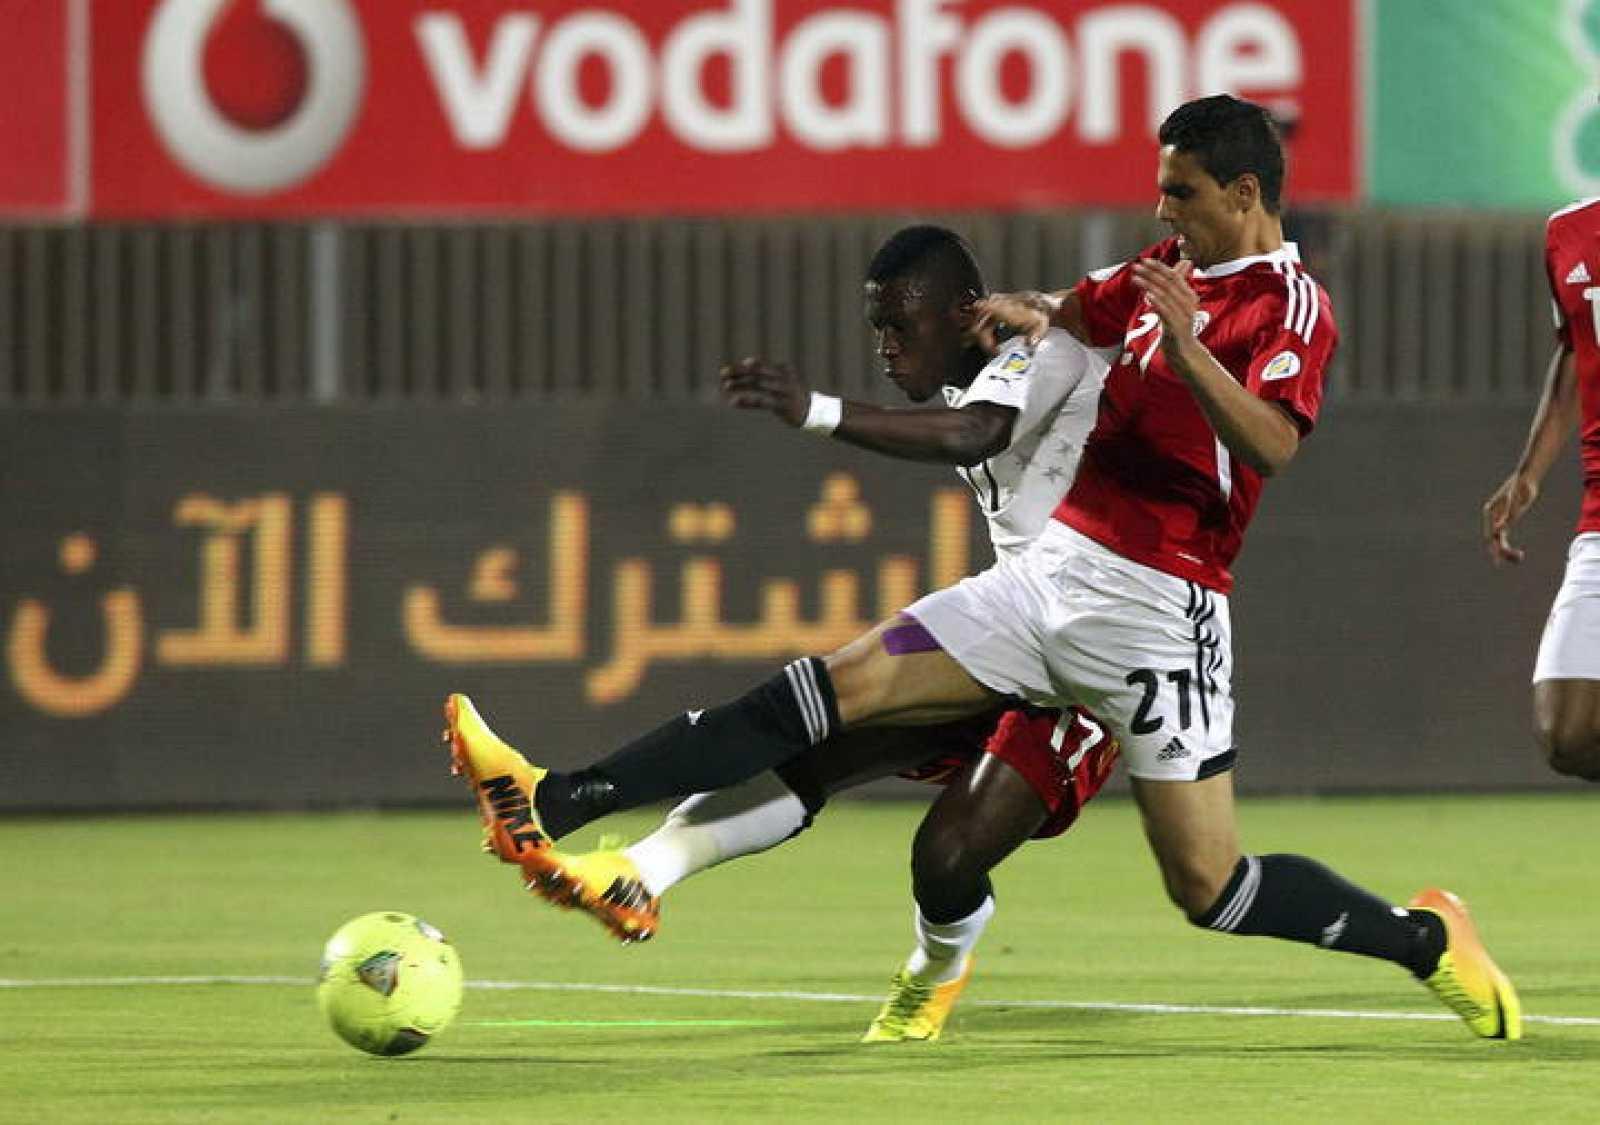 El futbolista egipcio Mohamed Nagieb (d) pelea por el control del balón frente al jugador ghanés Rashid Sumaila (i)